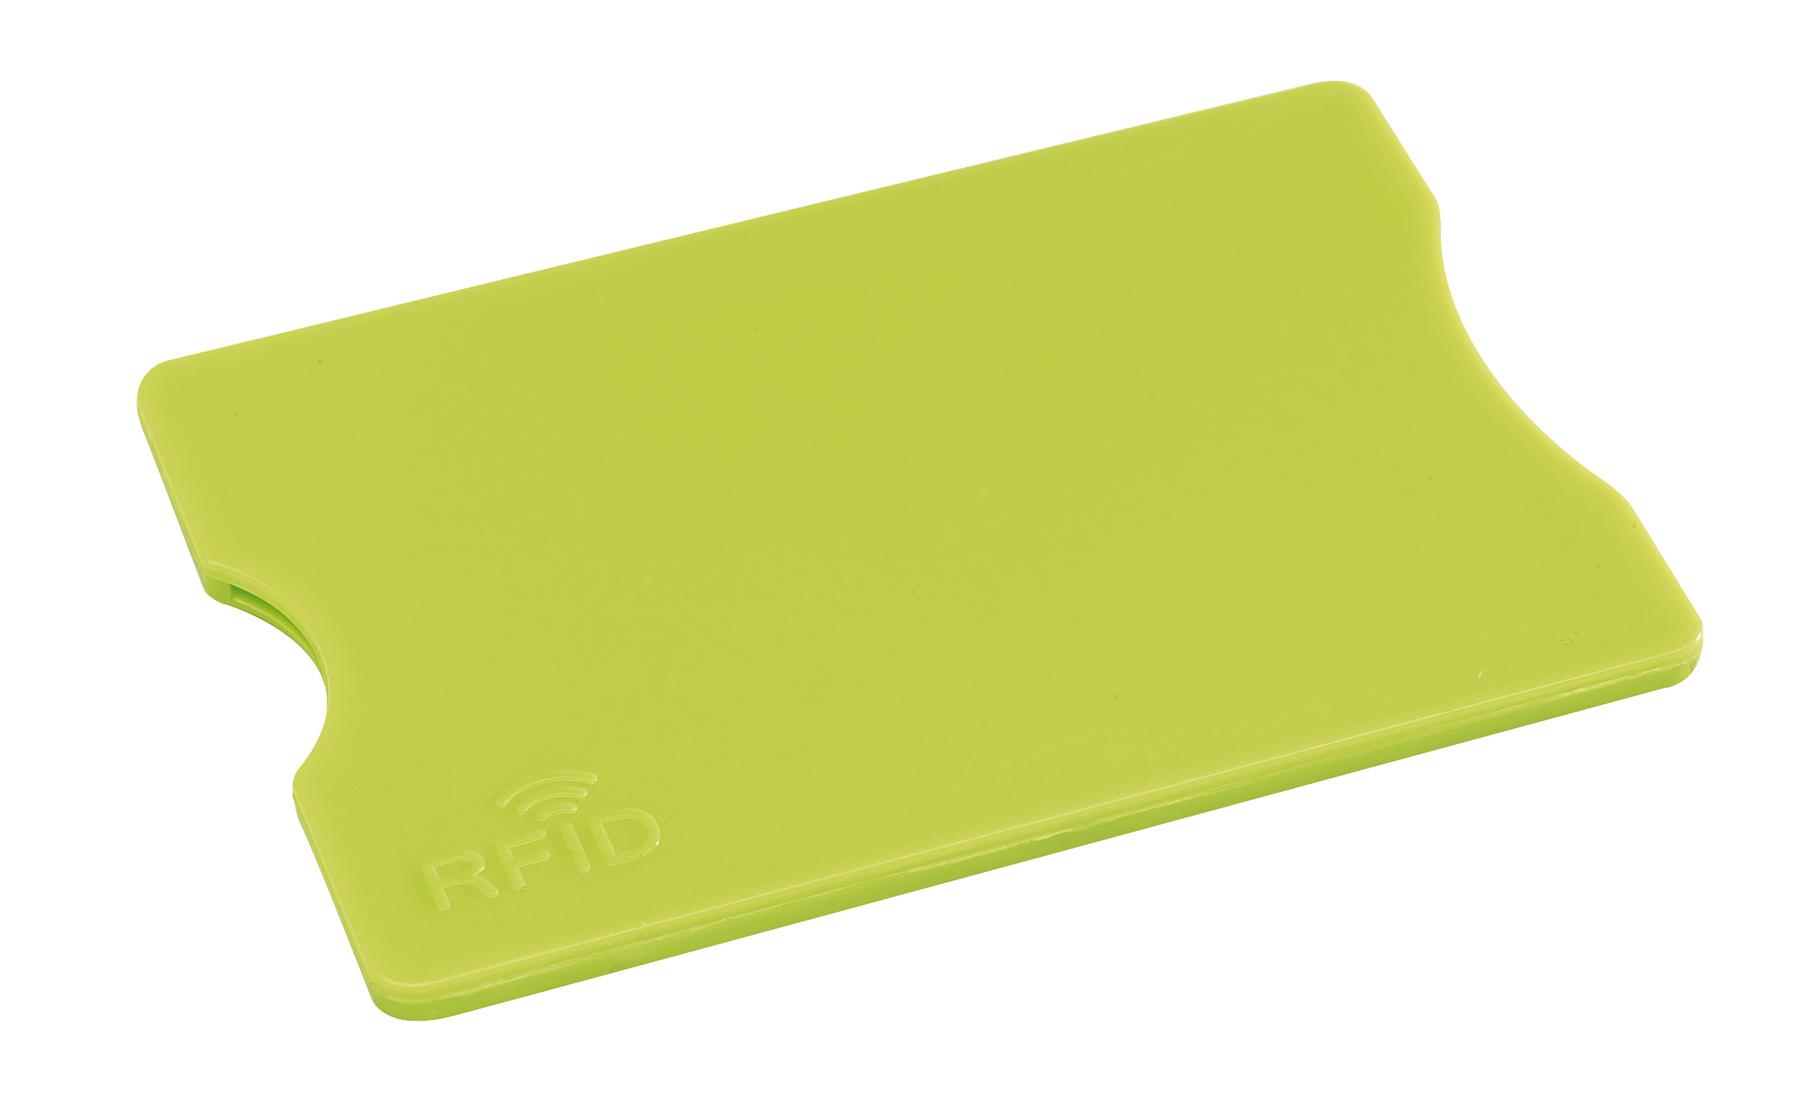 Etui na kartę kredytową PROTECTOR, zielone jabłko